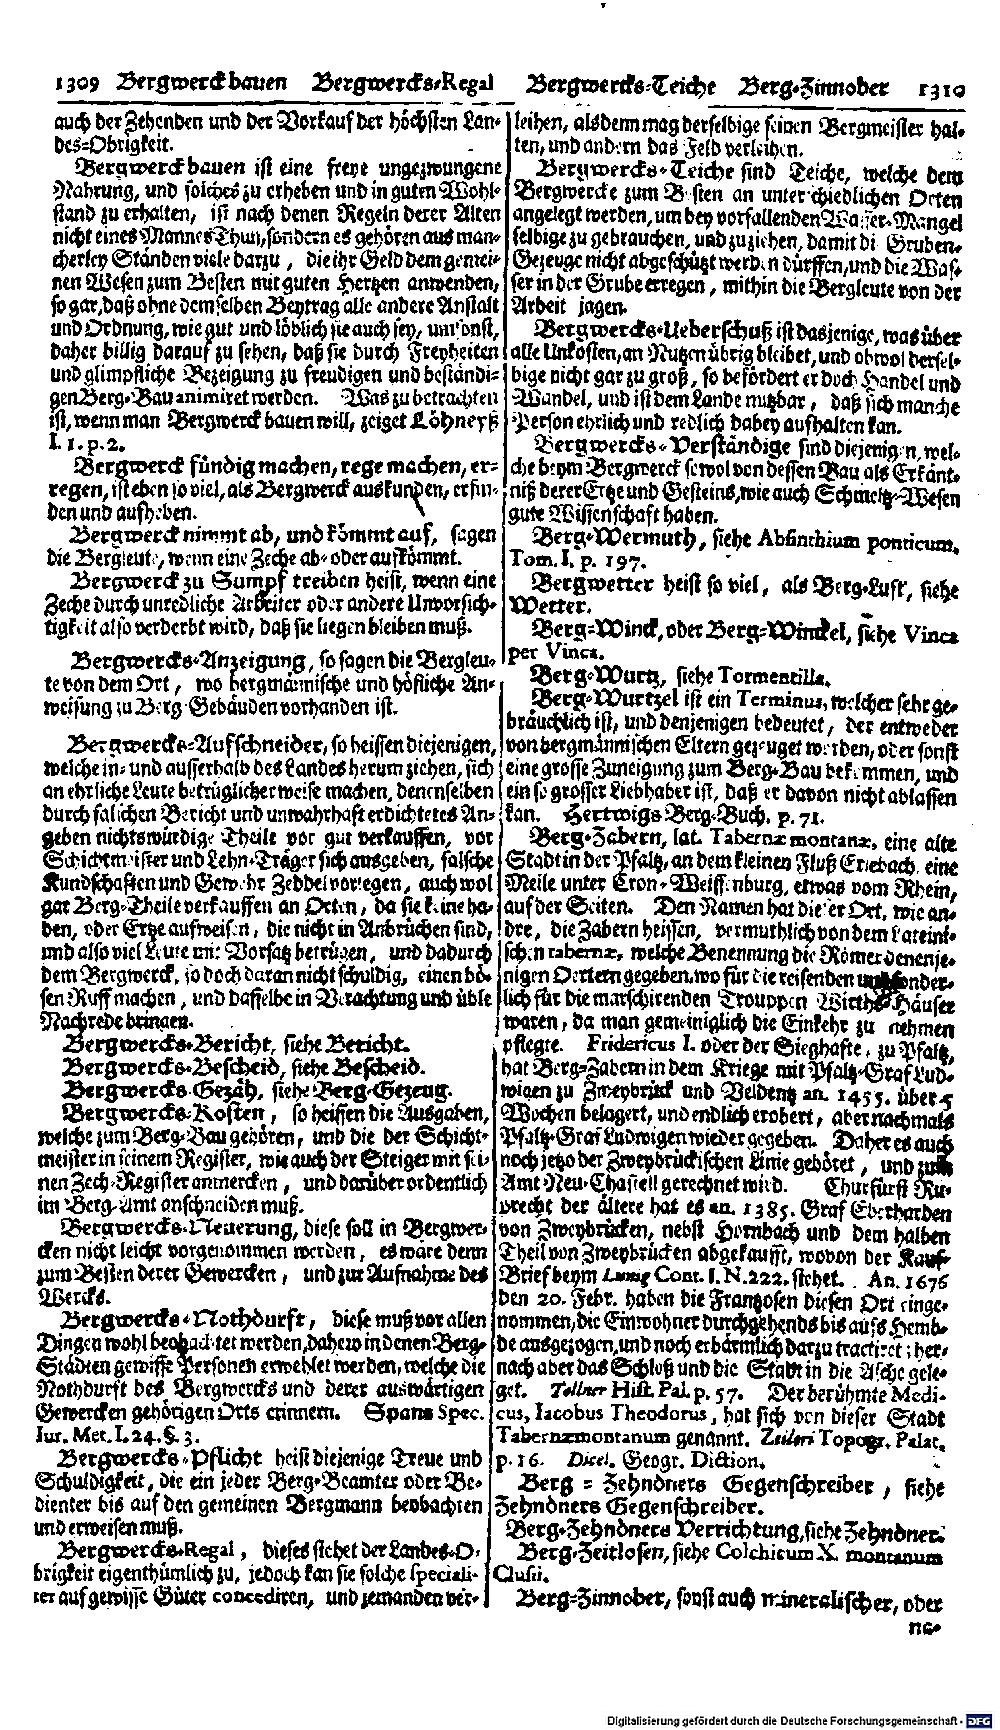 Bd. 03, Seite 0670.